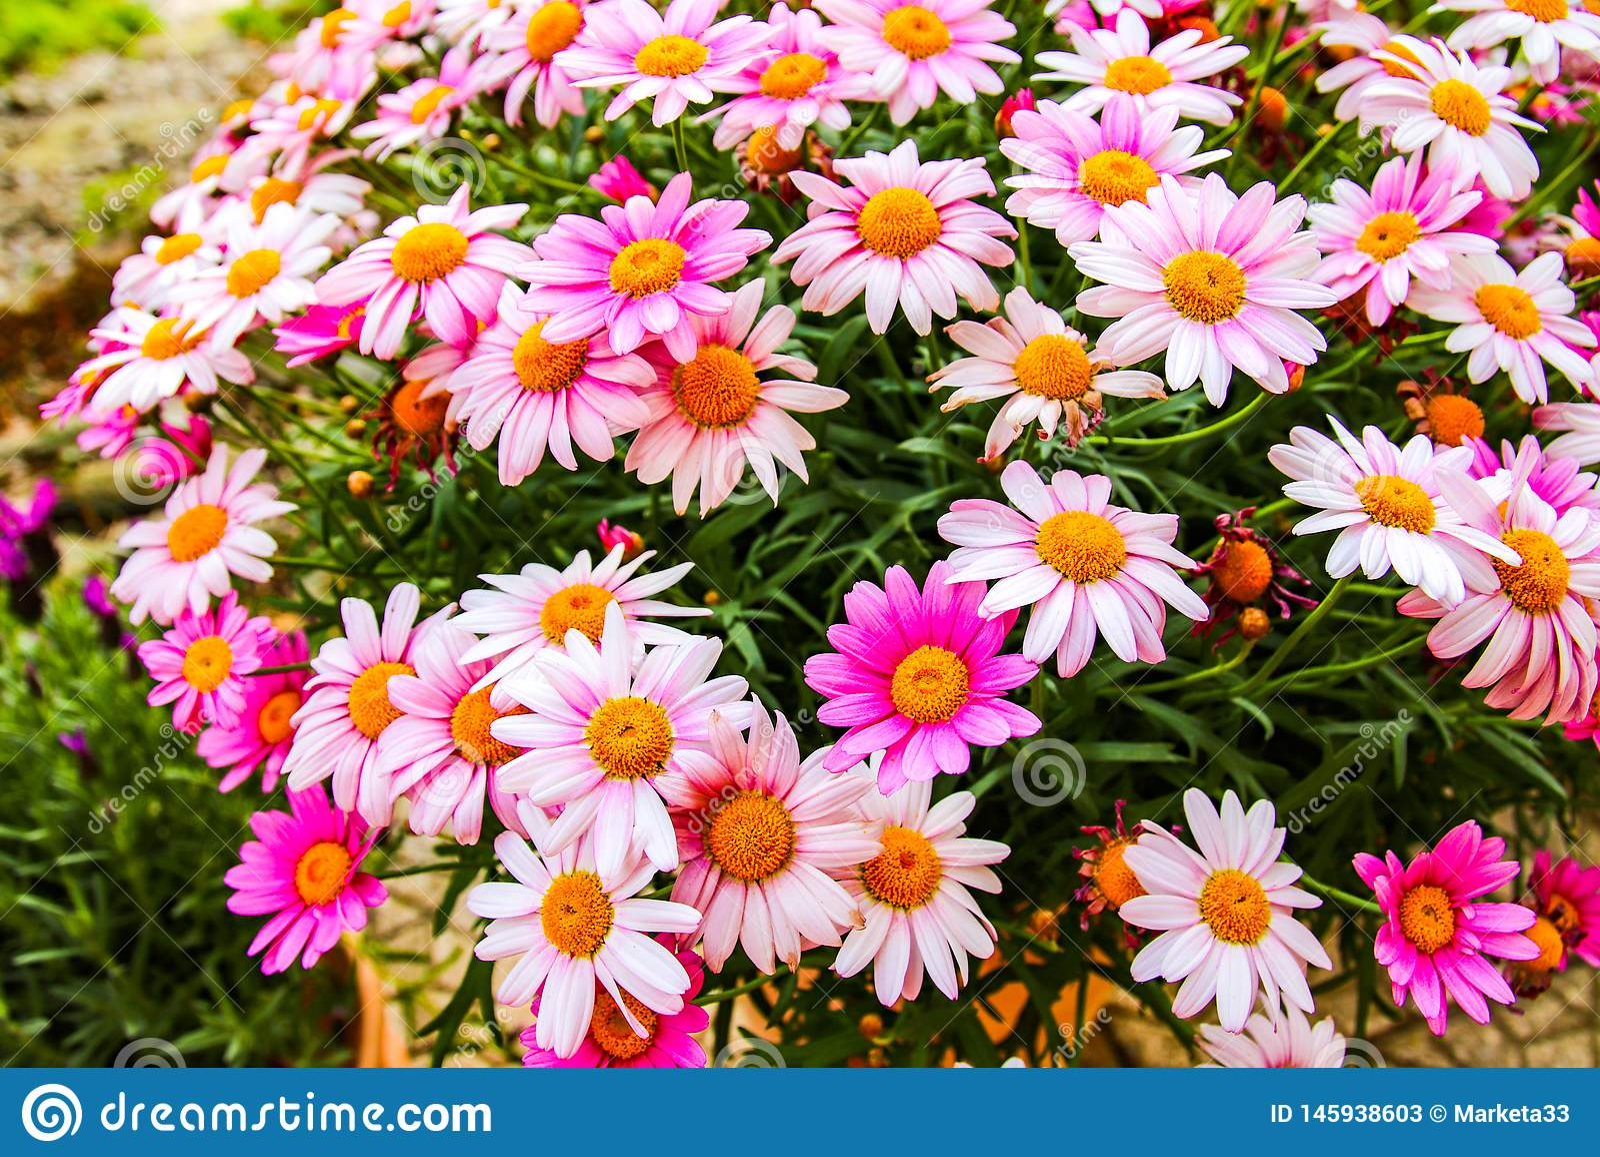 Fleurs colorées très belles au printemps